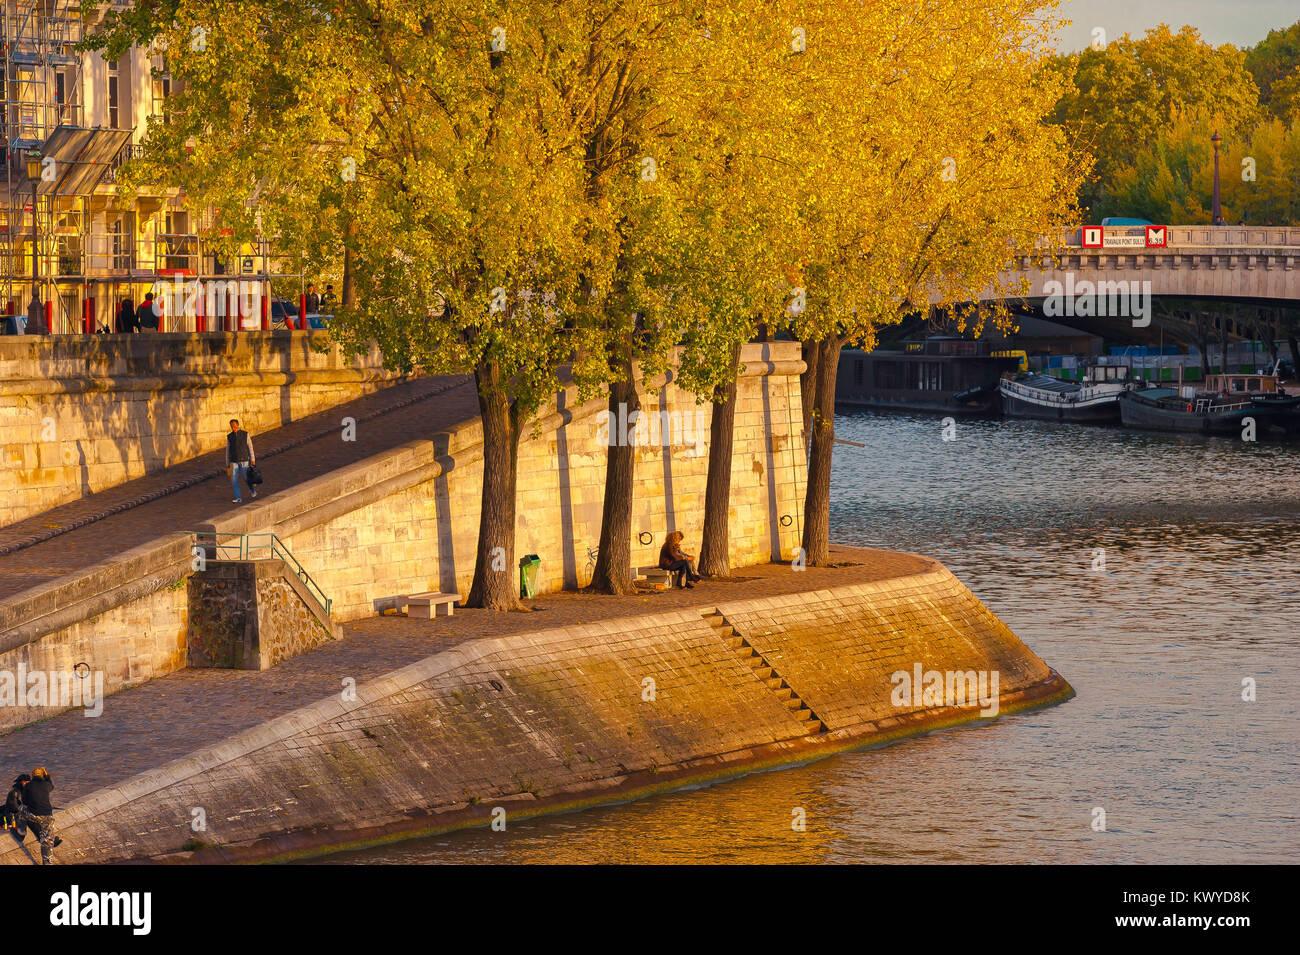 Paris quai Seine, view at sunset across the River Seine of the Quai d'Orleans on the Ile St-Louis, Paris, France. - Stock Image